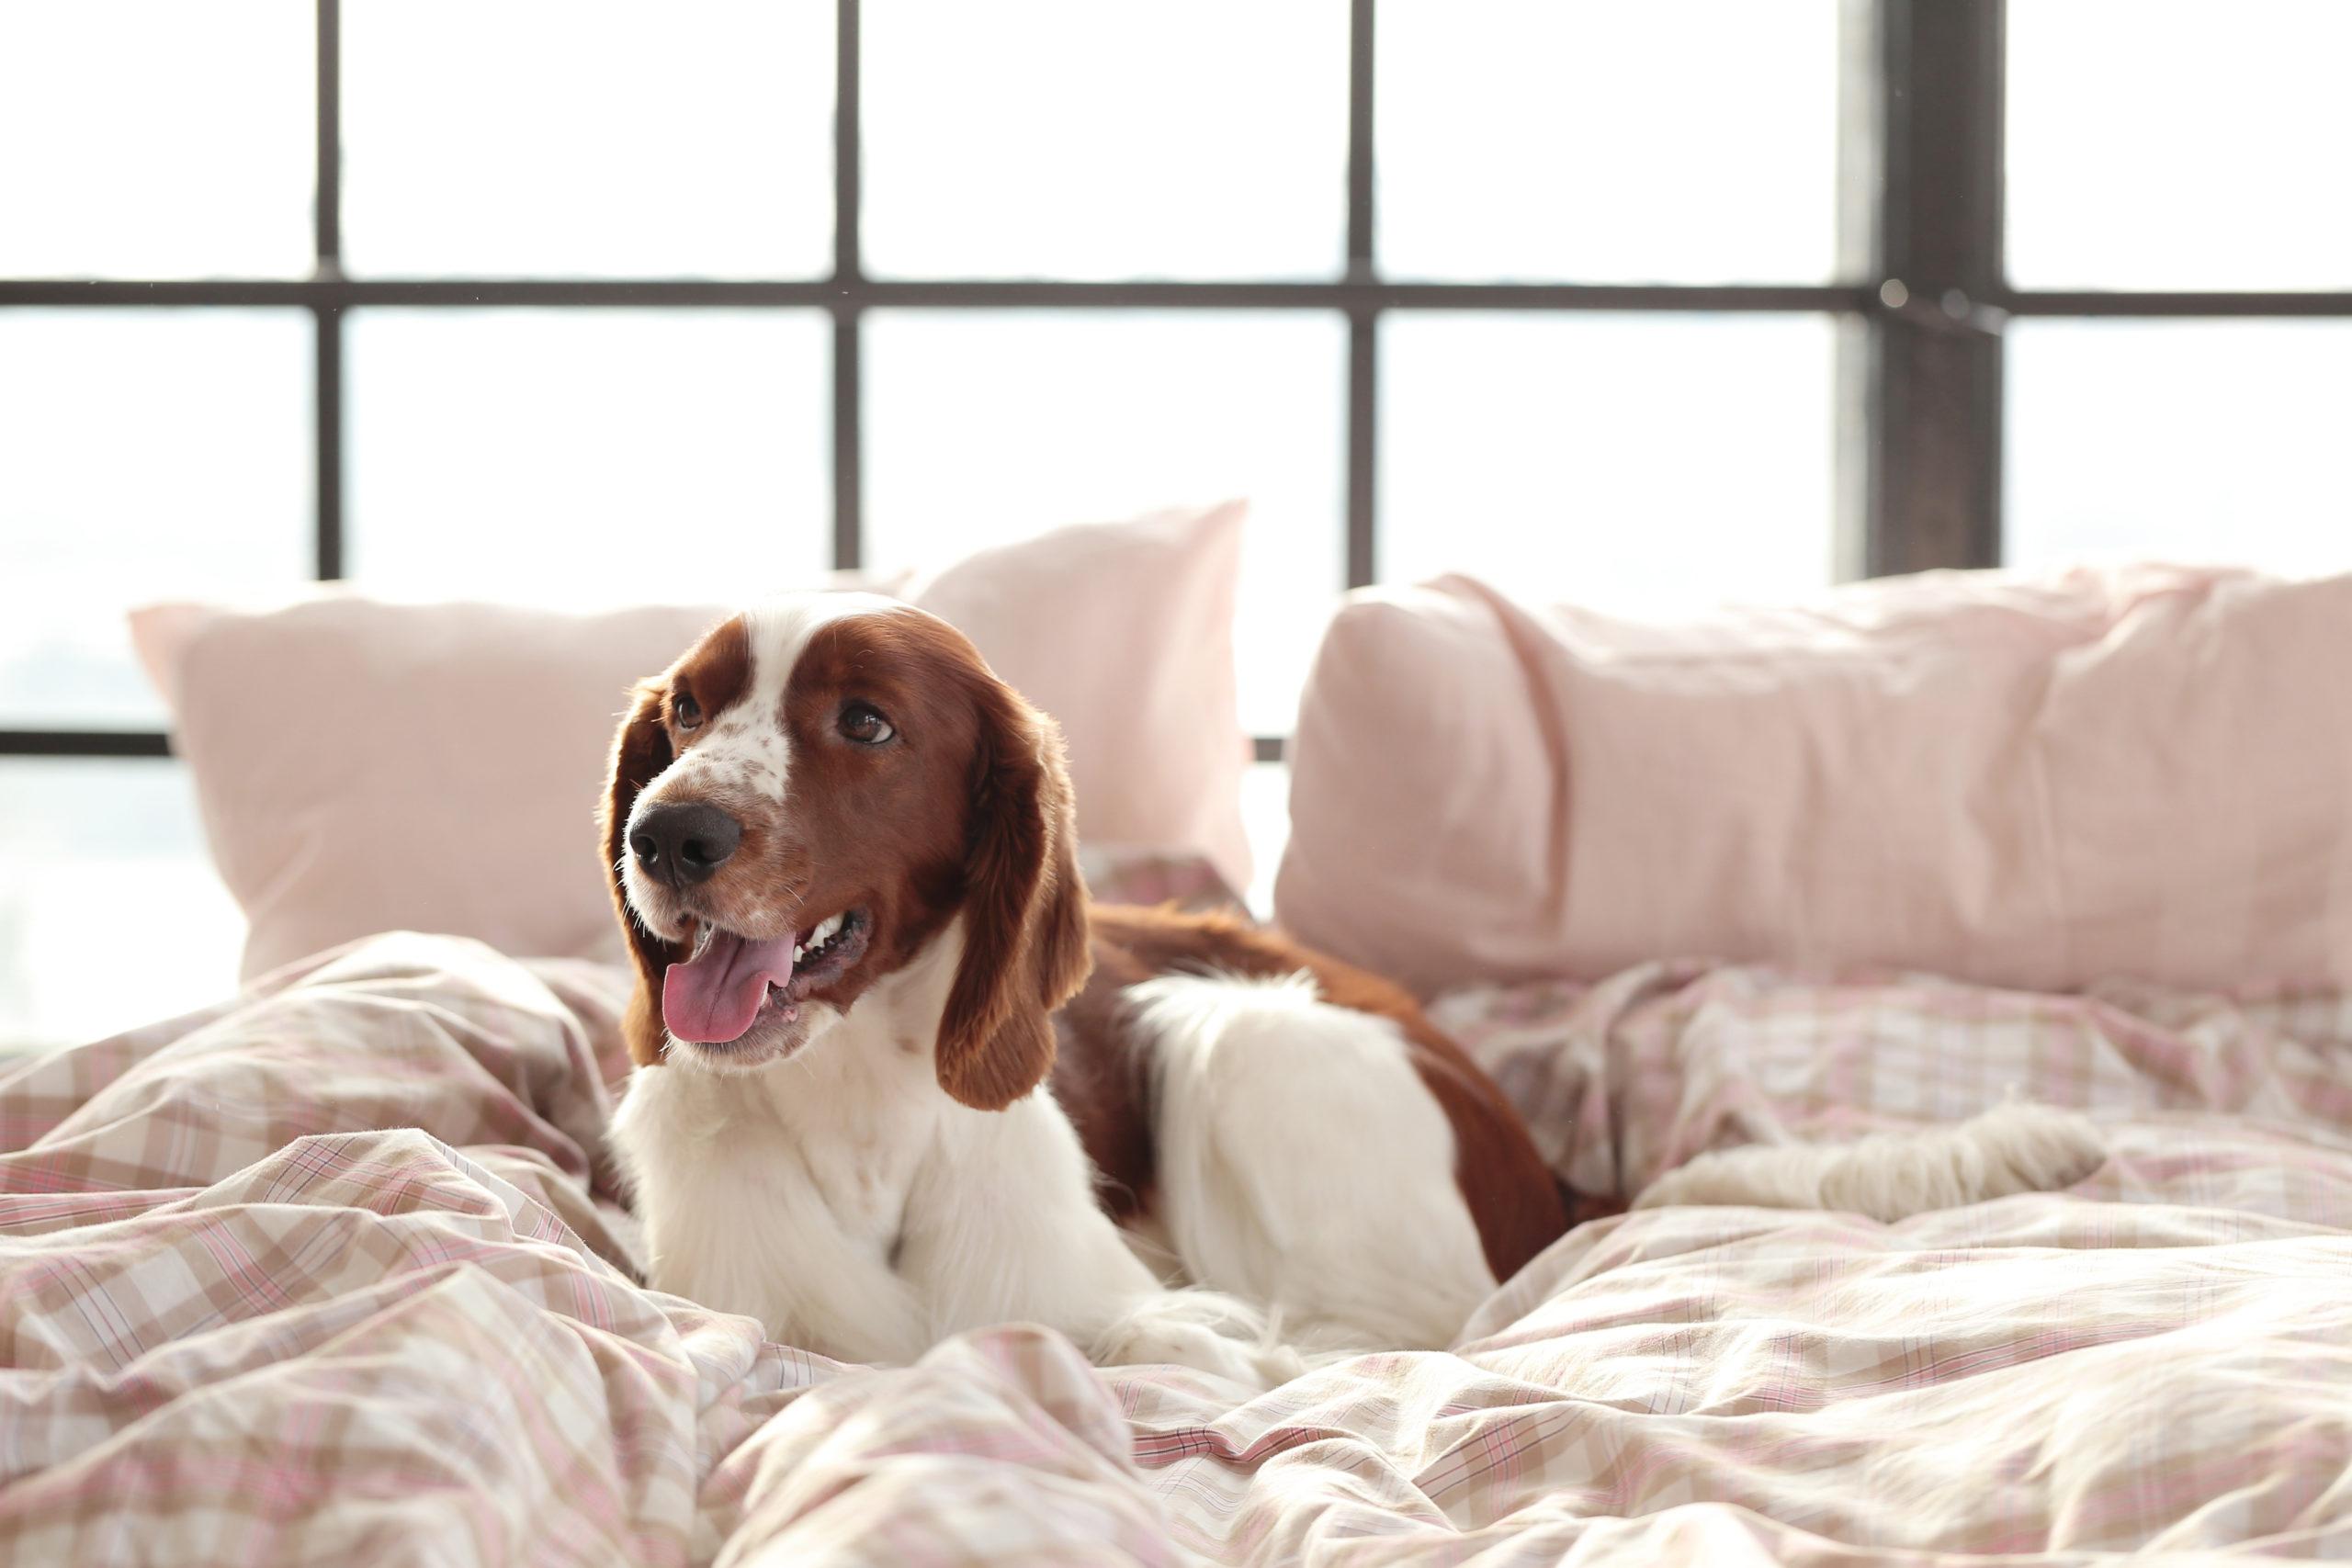 Hundebett – 5 Tipps für einen gesunden Hundeschlaf